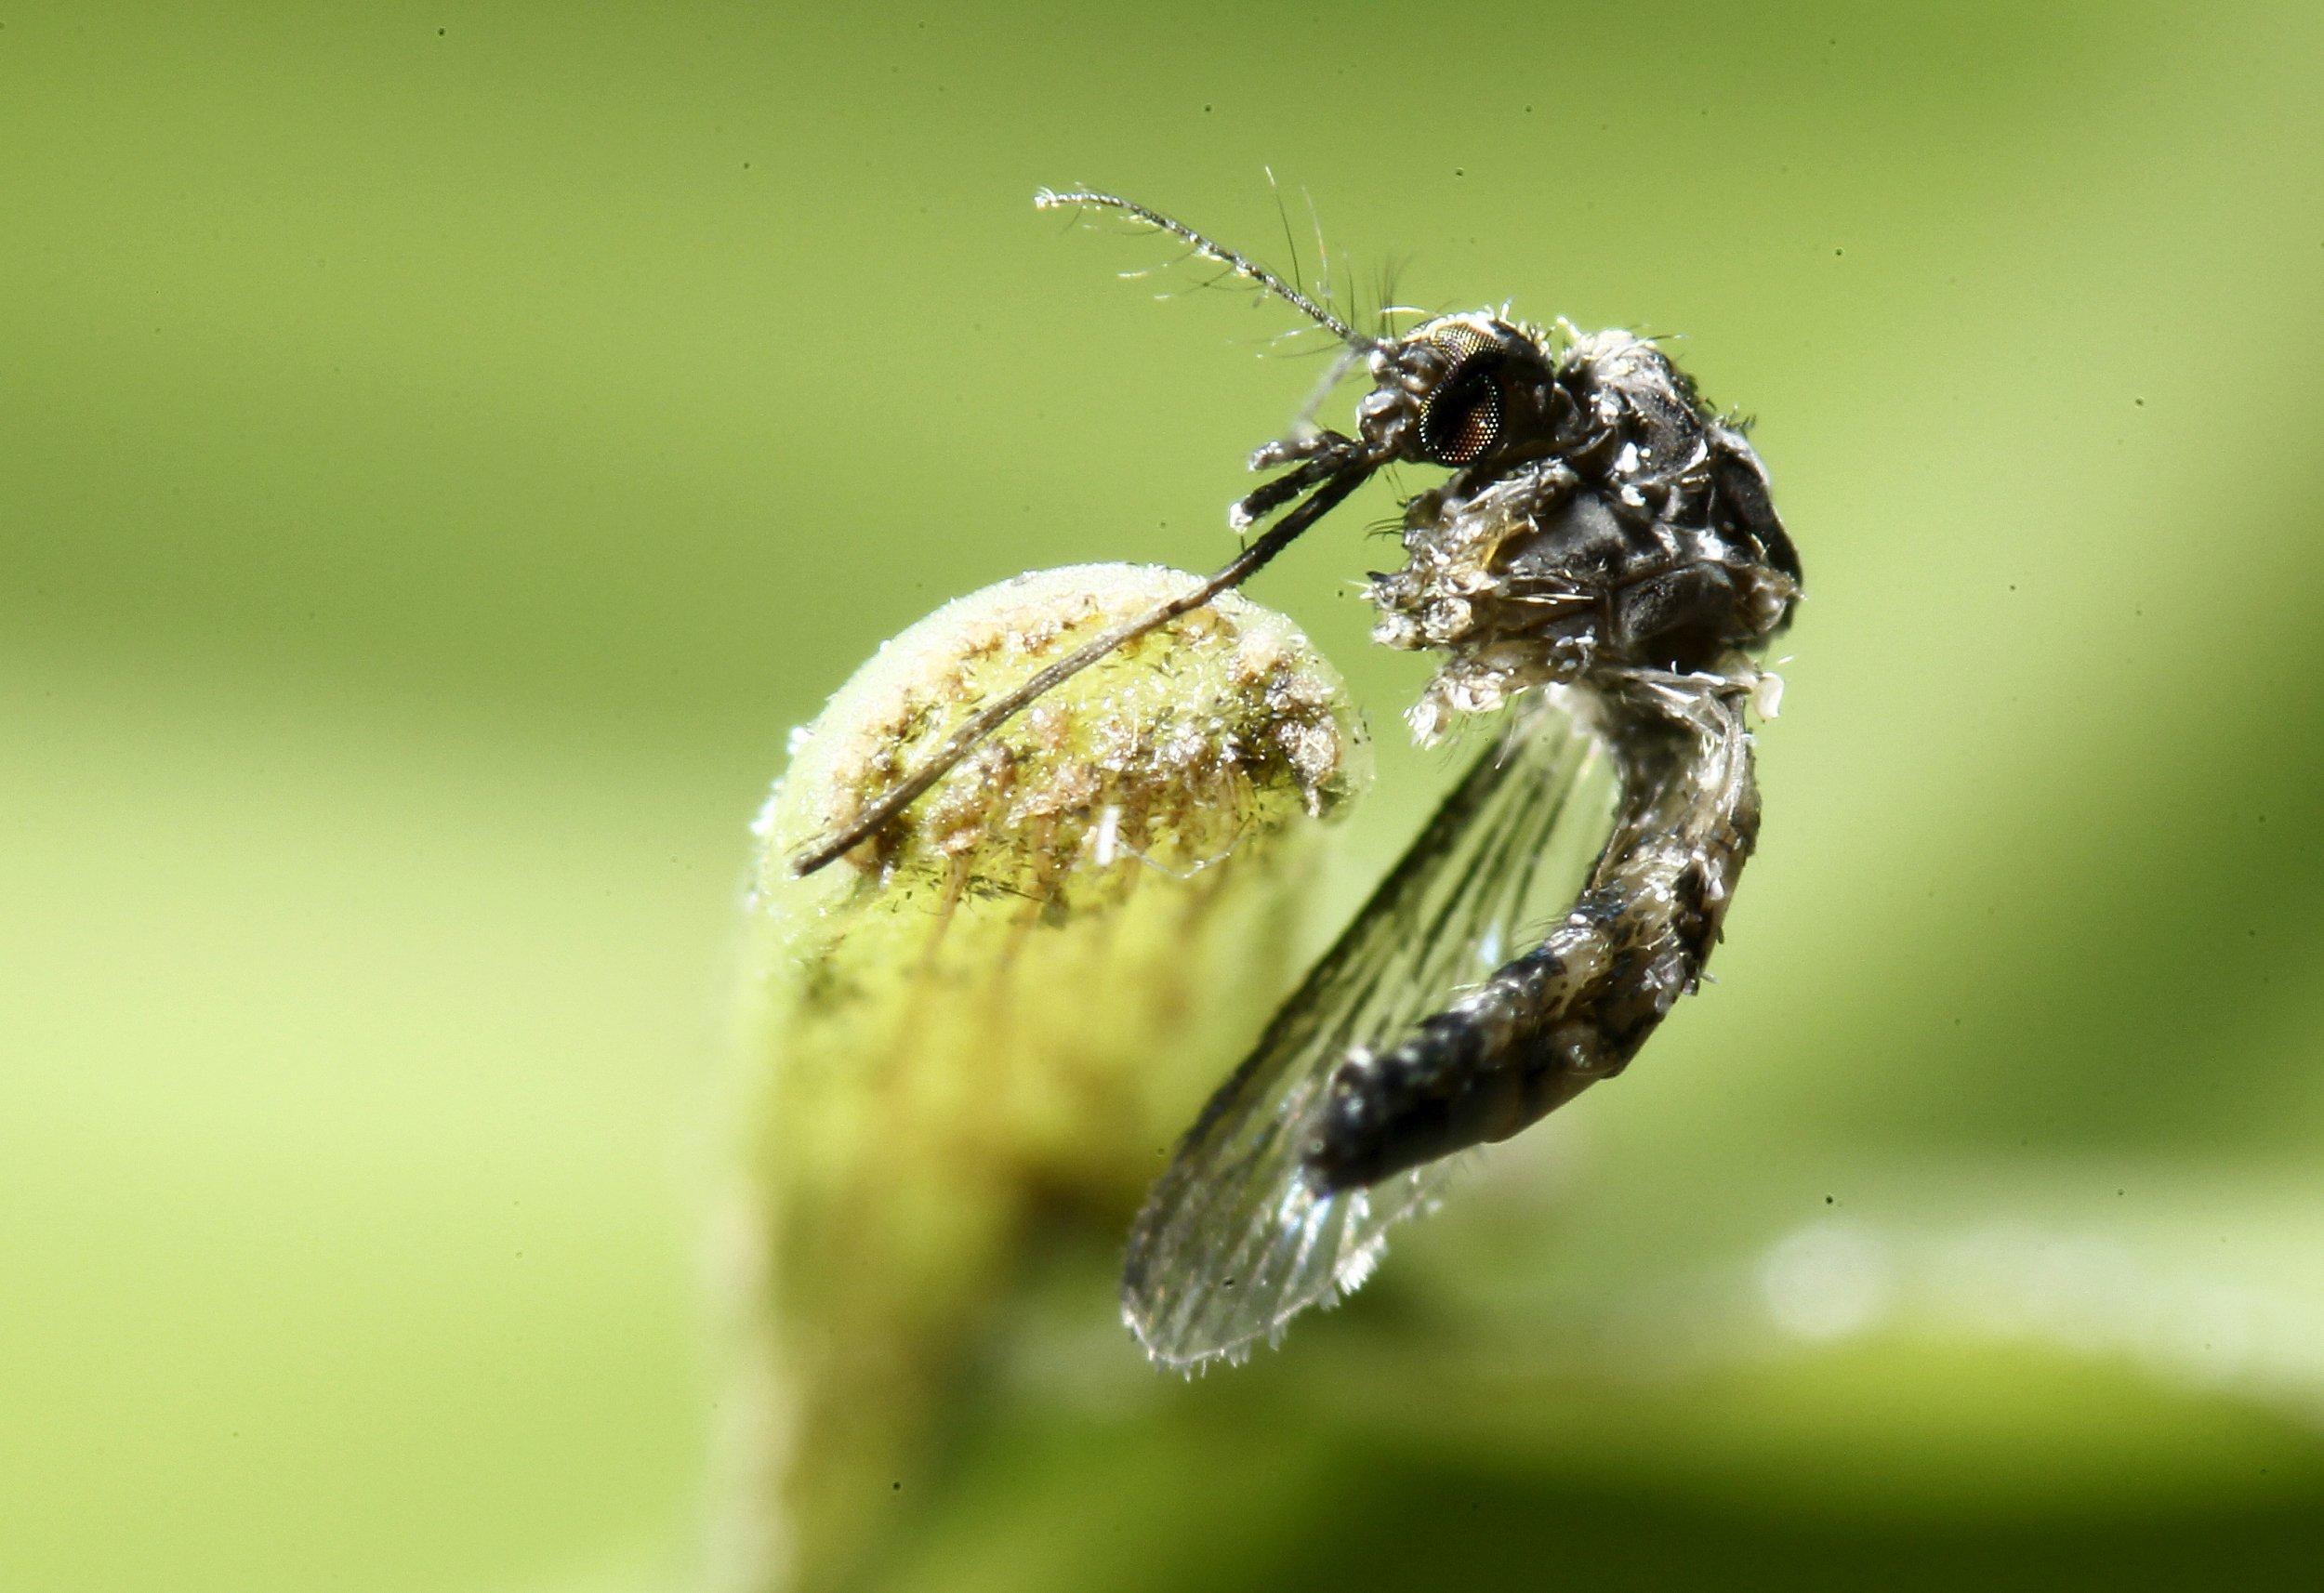 aedes aegypti mosquito zika virus